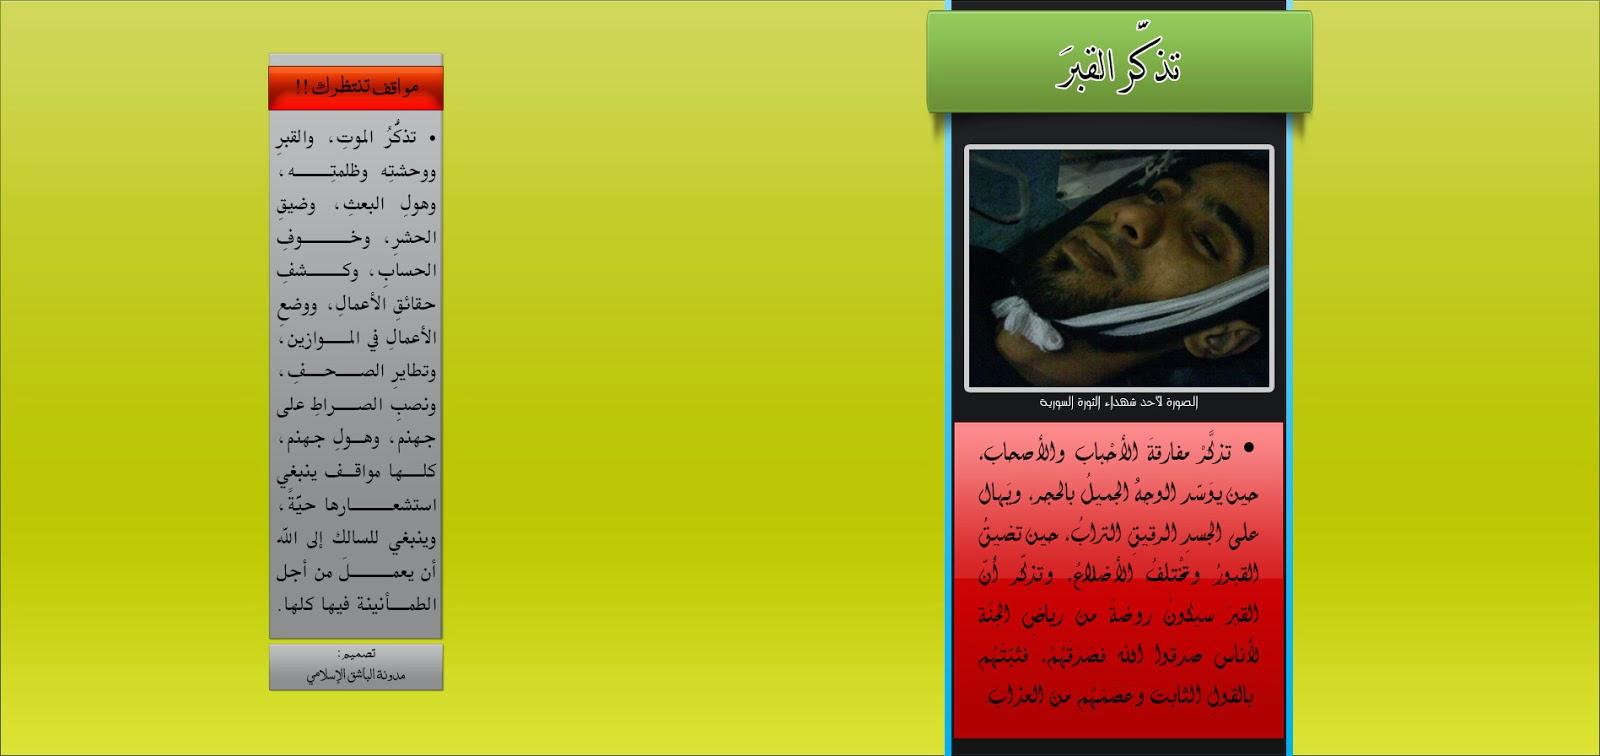 http://1.bp.blogspot.com/-m4hR5nTAJbg/UnC56xlQwCI/AAAAAAAAFbI/T_PLKufJfV8/s1600/Free_Twitter_Background_8.jpg